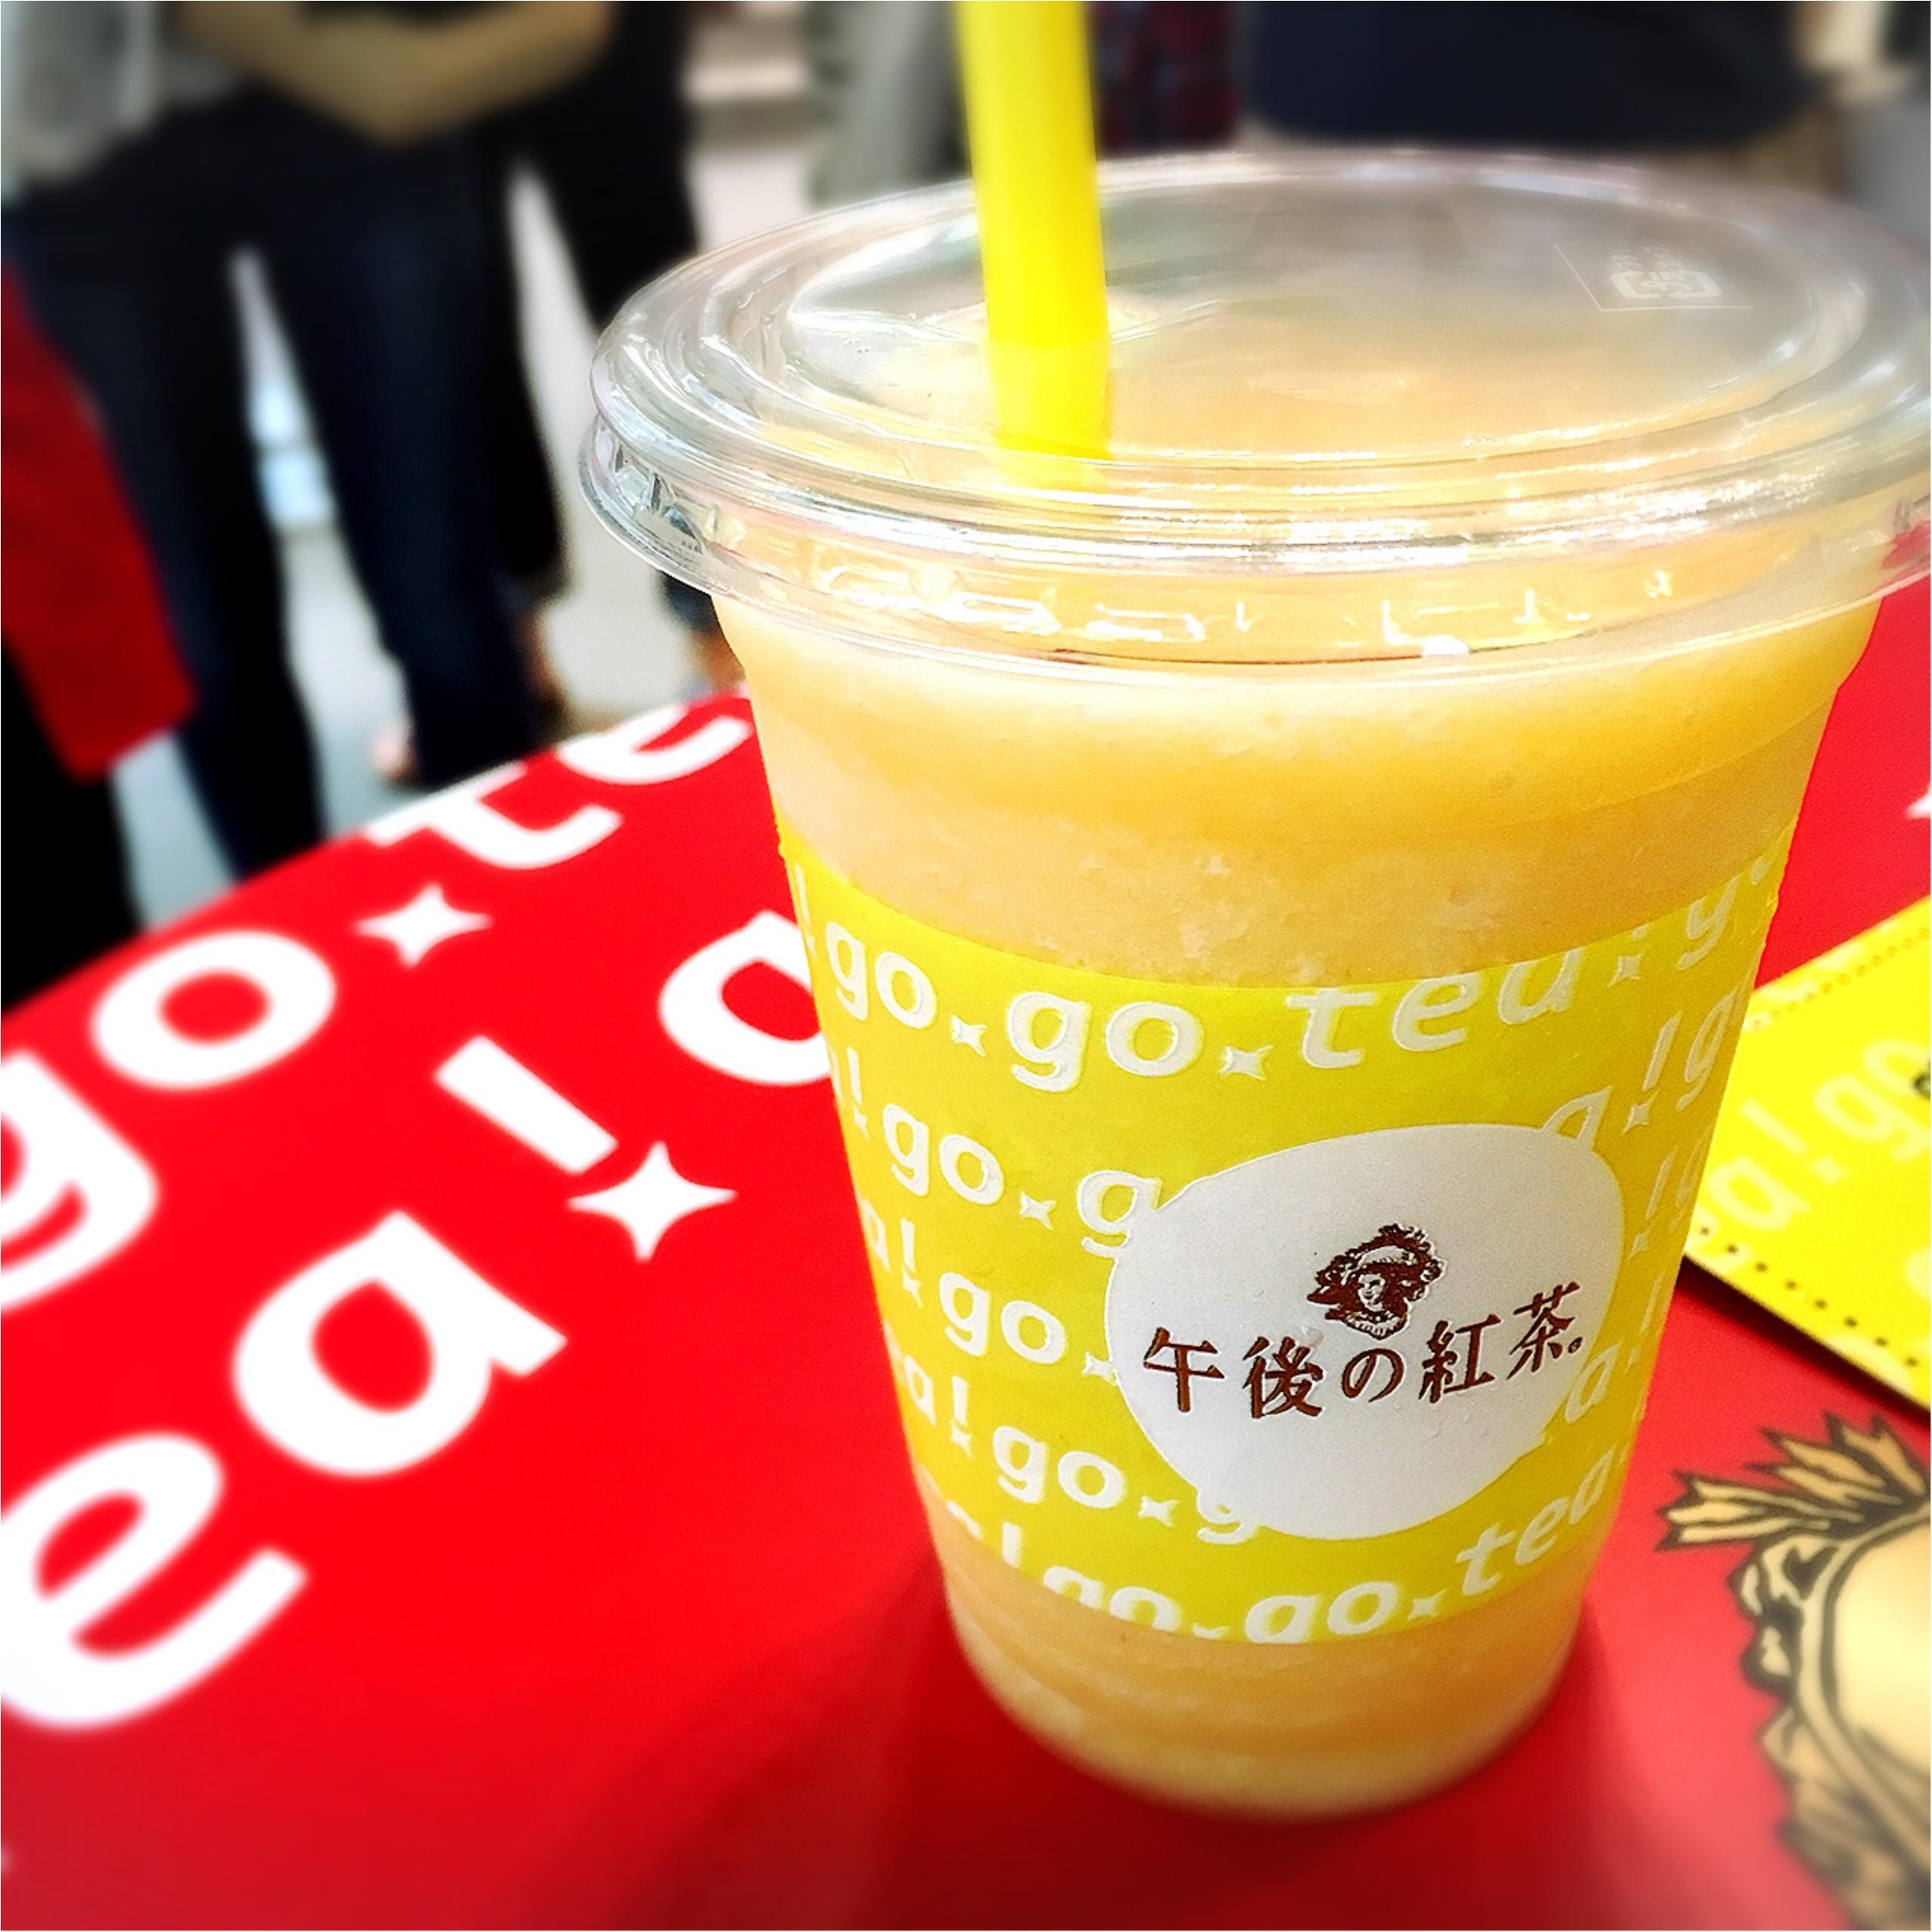 《全国順次展開!》紅茶とフルーツの良いとこ取りスムージー❤️【日本初上陸ハワイのスムージーショップ】と【午後ティー】が夢のコラボ✨_1